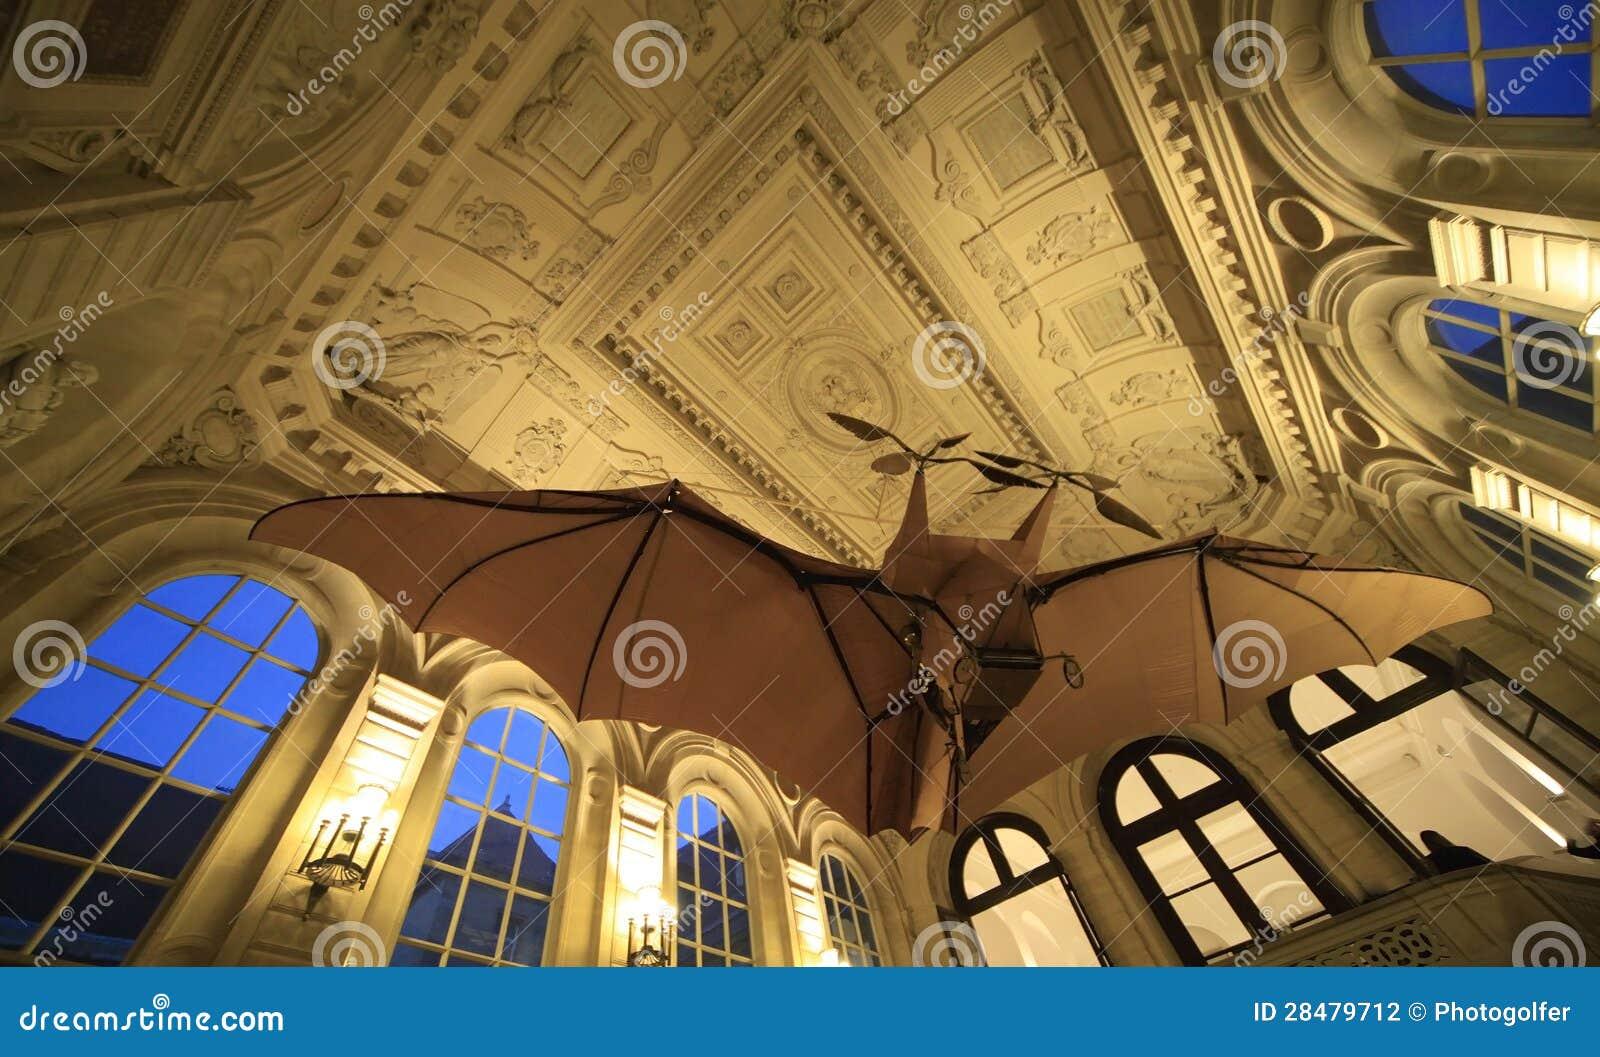 Clement ader airplane musee des arts et metiers paris - Maison arts et metiers ...